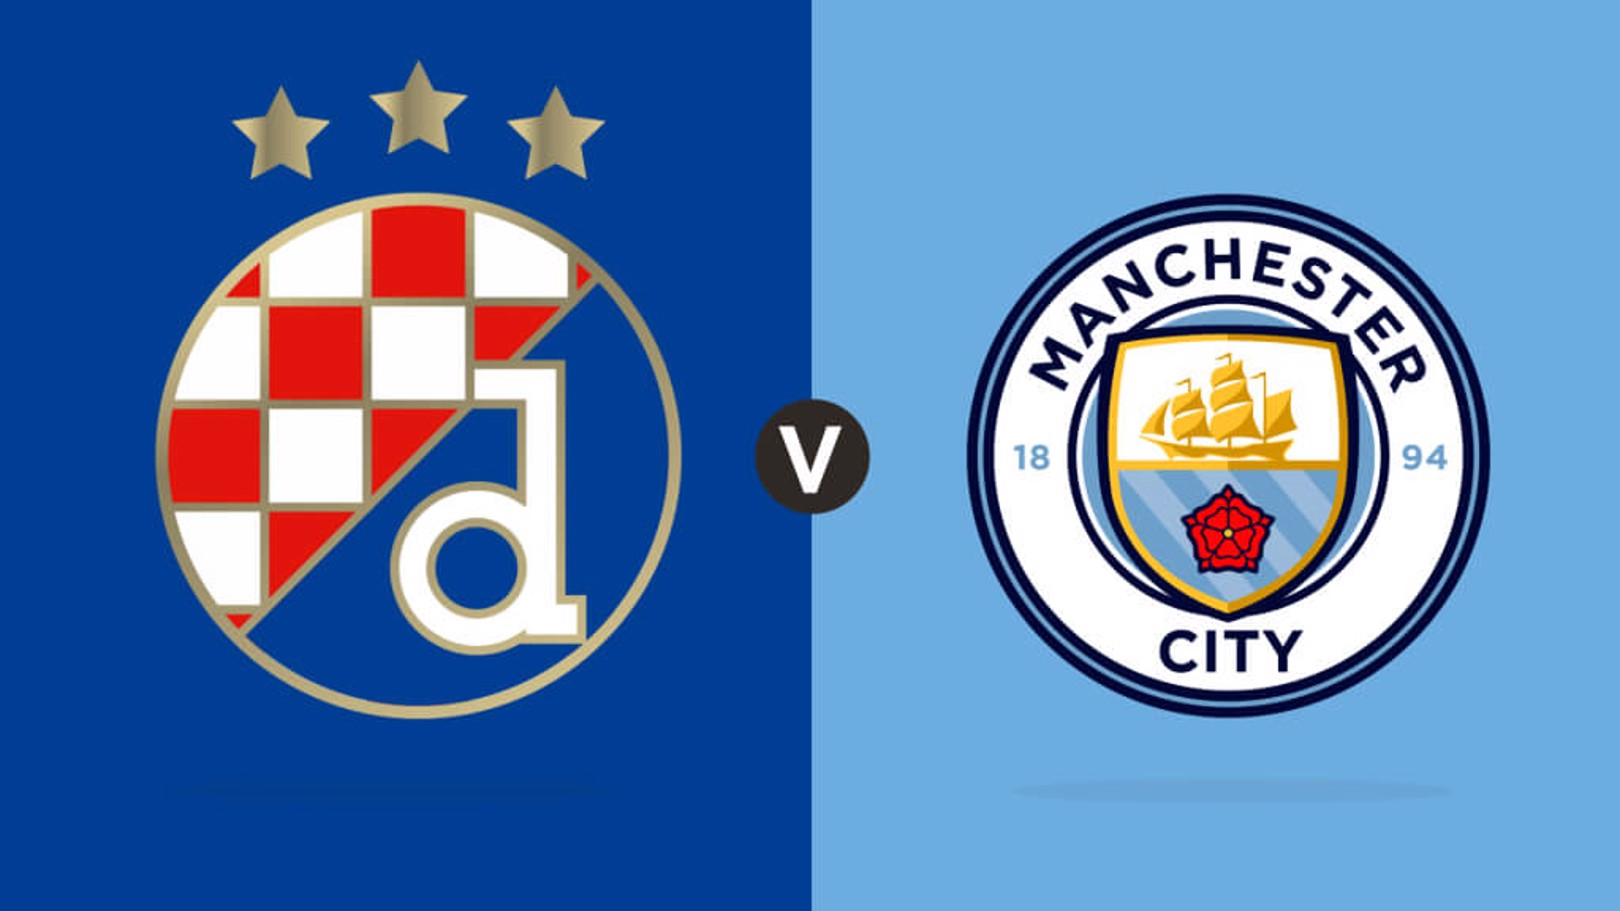 Dynamo Zagreb v Man City